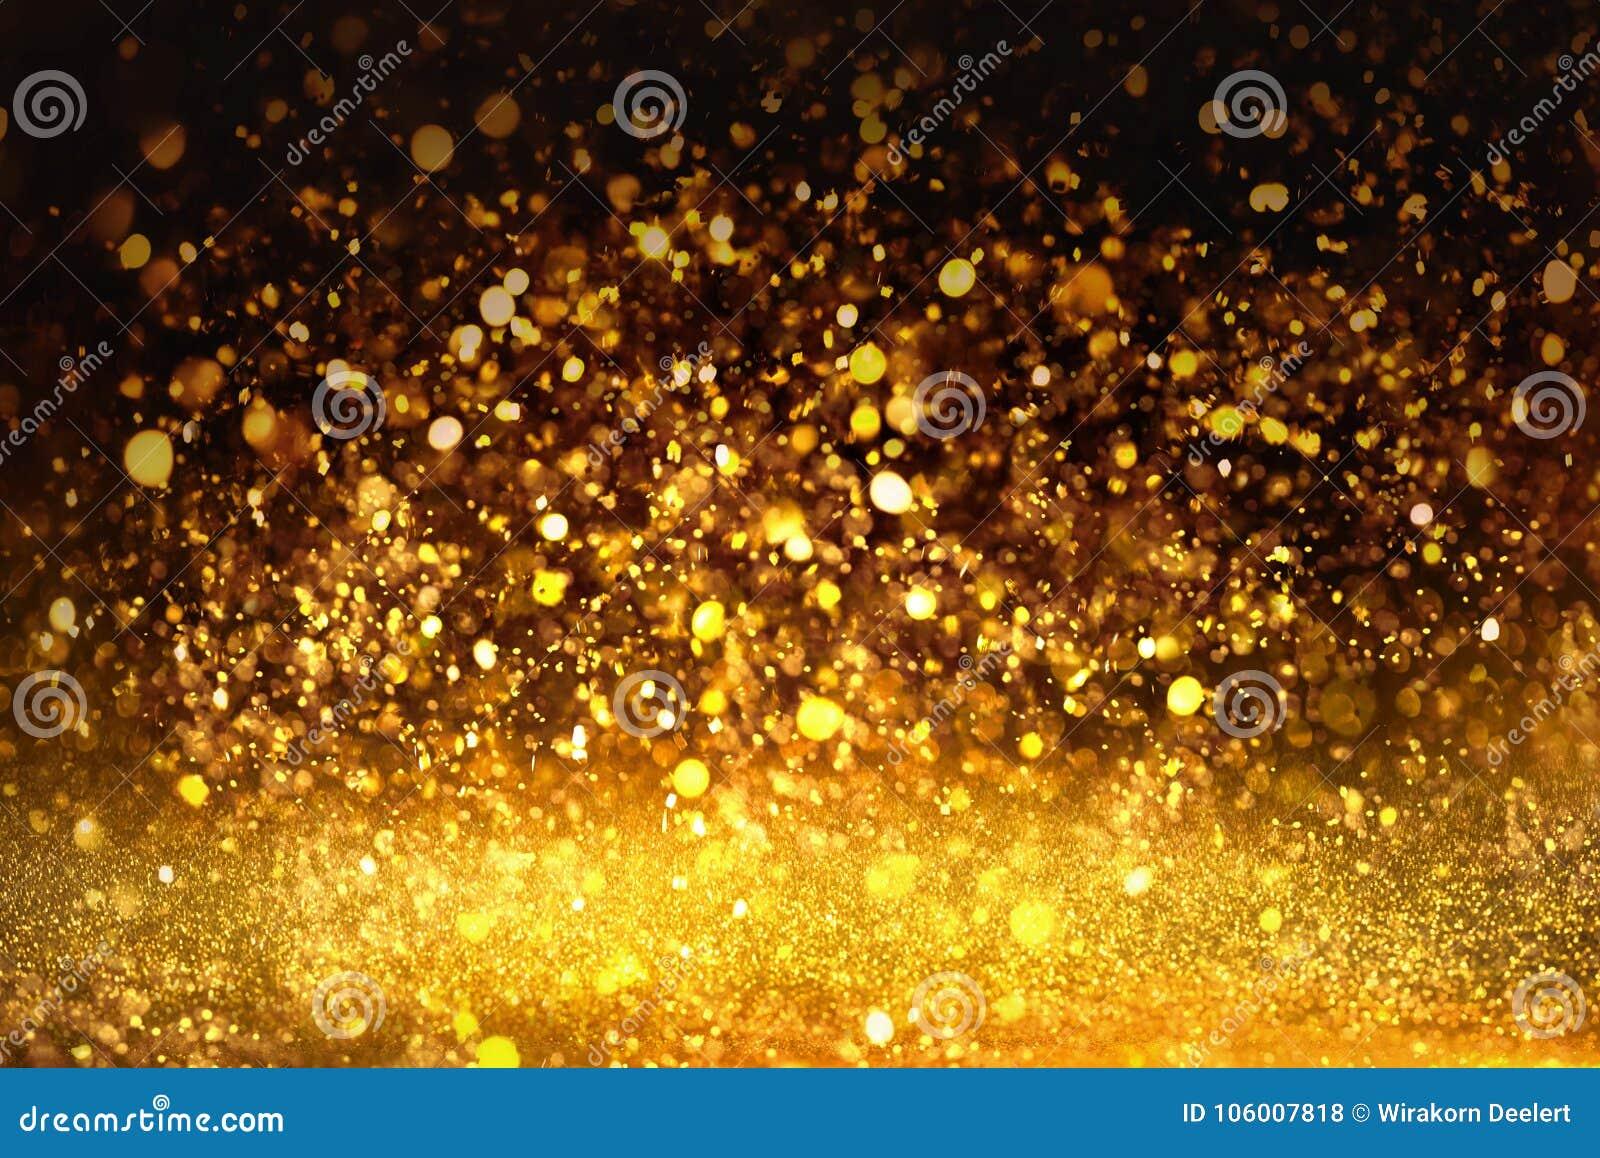 La textura de oro Colorfull del brillo empañó el fondo abstracto para el cumpleaños, el aniversario, la boda, la Noche Vieja o la